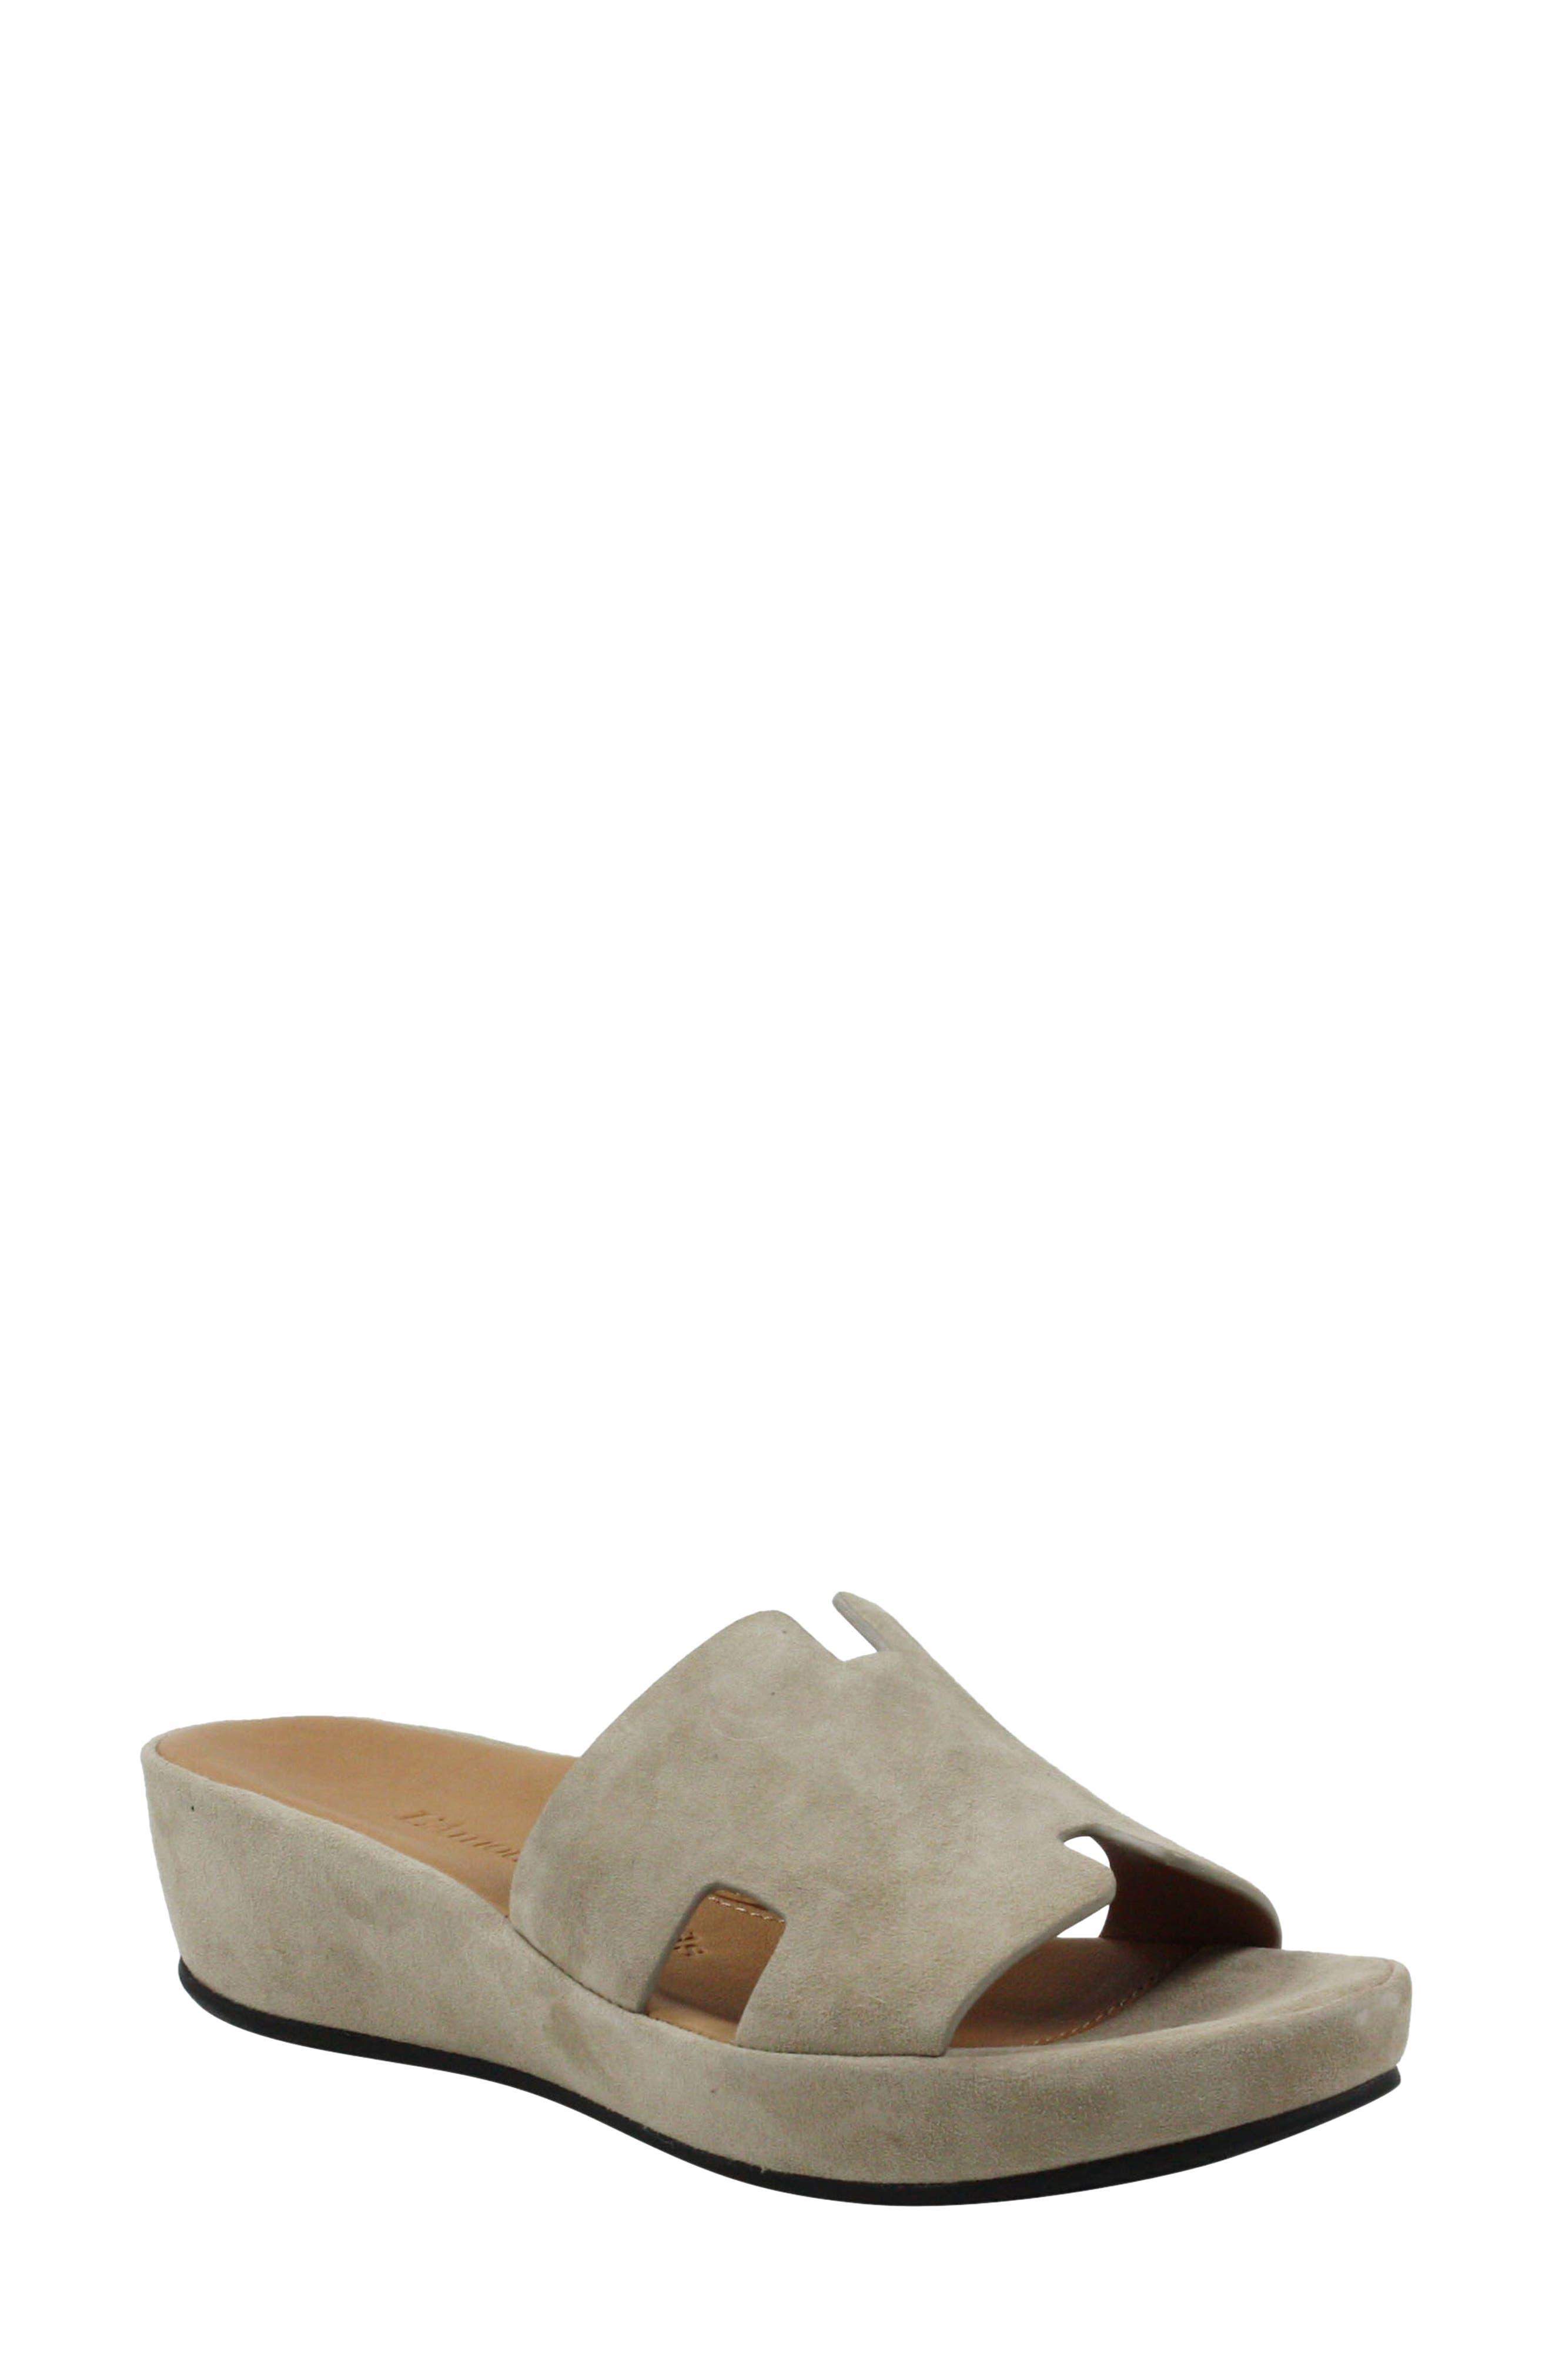 Catiana Wedge Slide Sandal